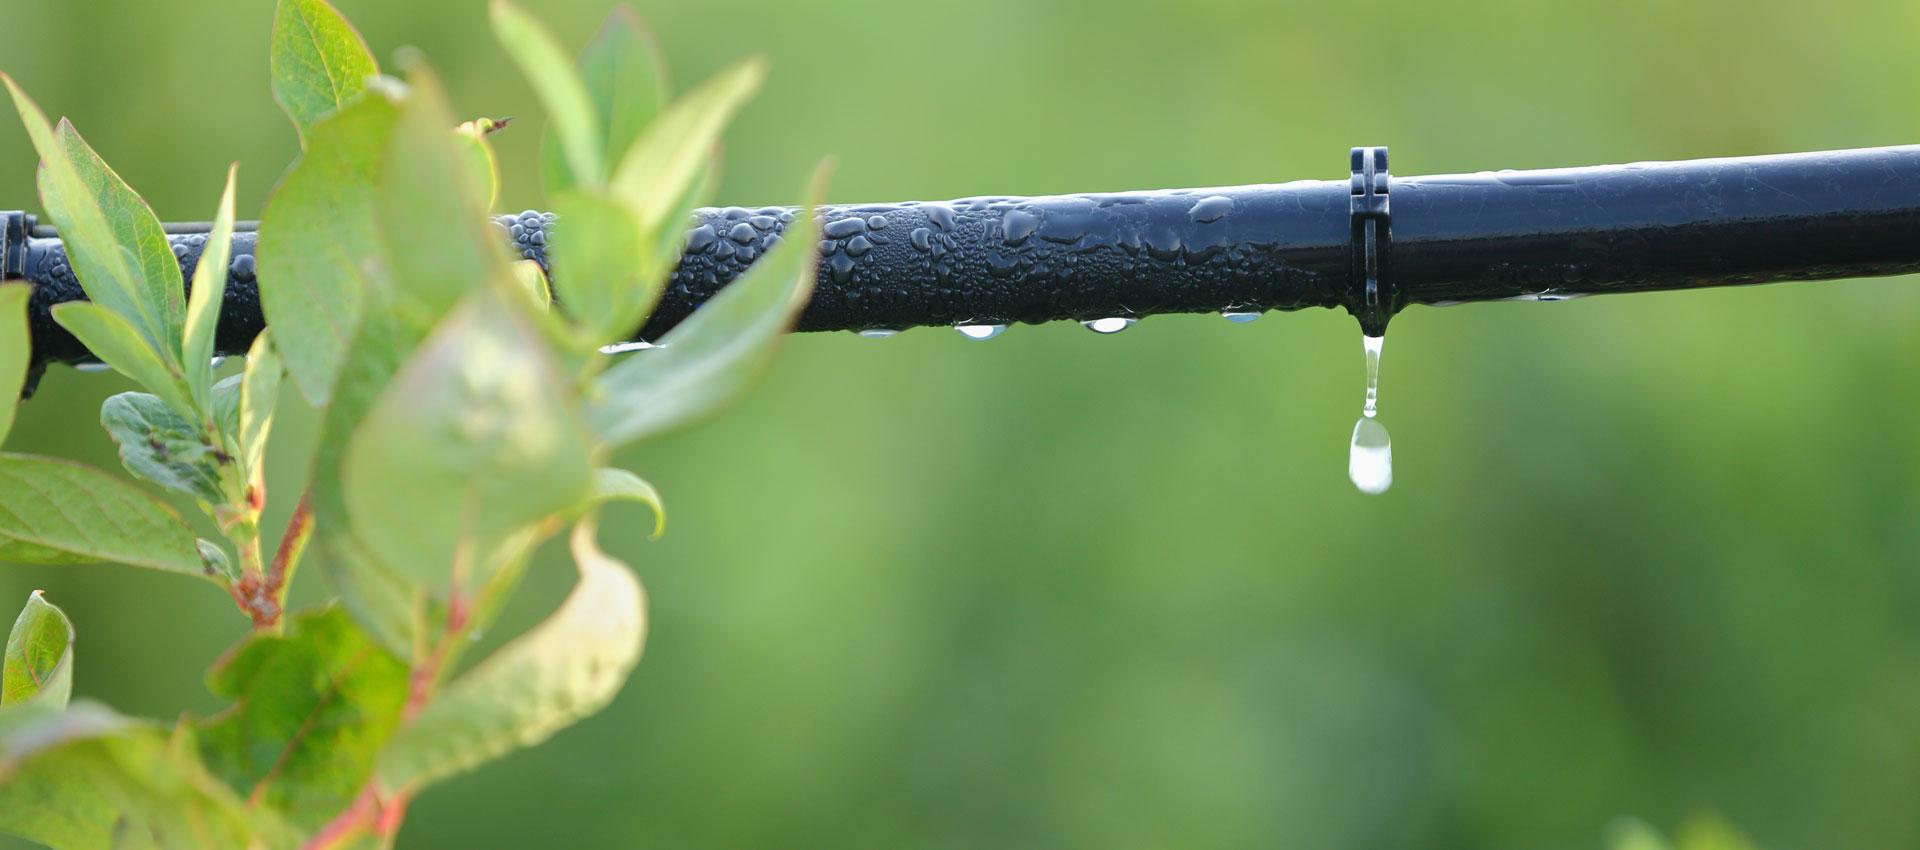 Irrigazione a goccia: tutti i vantaggi per il tuo giardino e per le tue piante